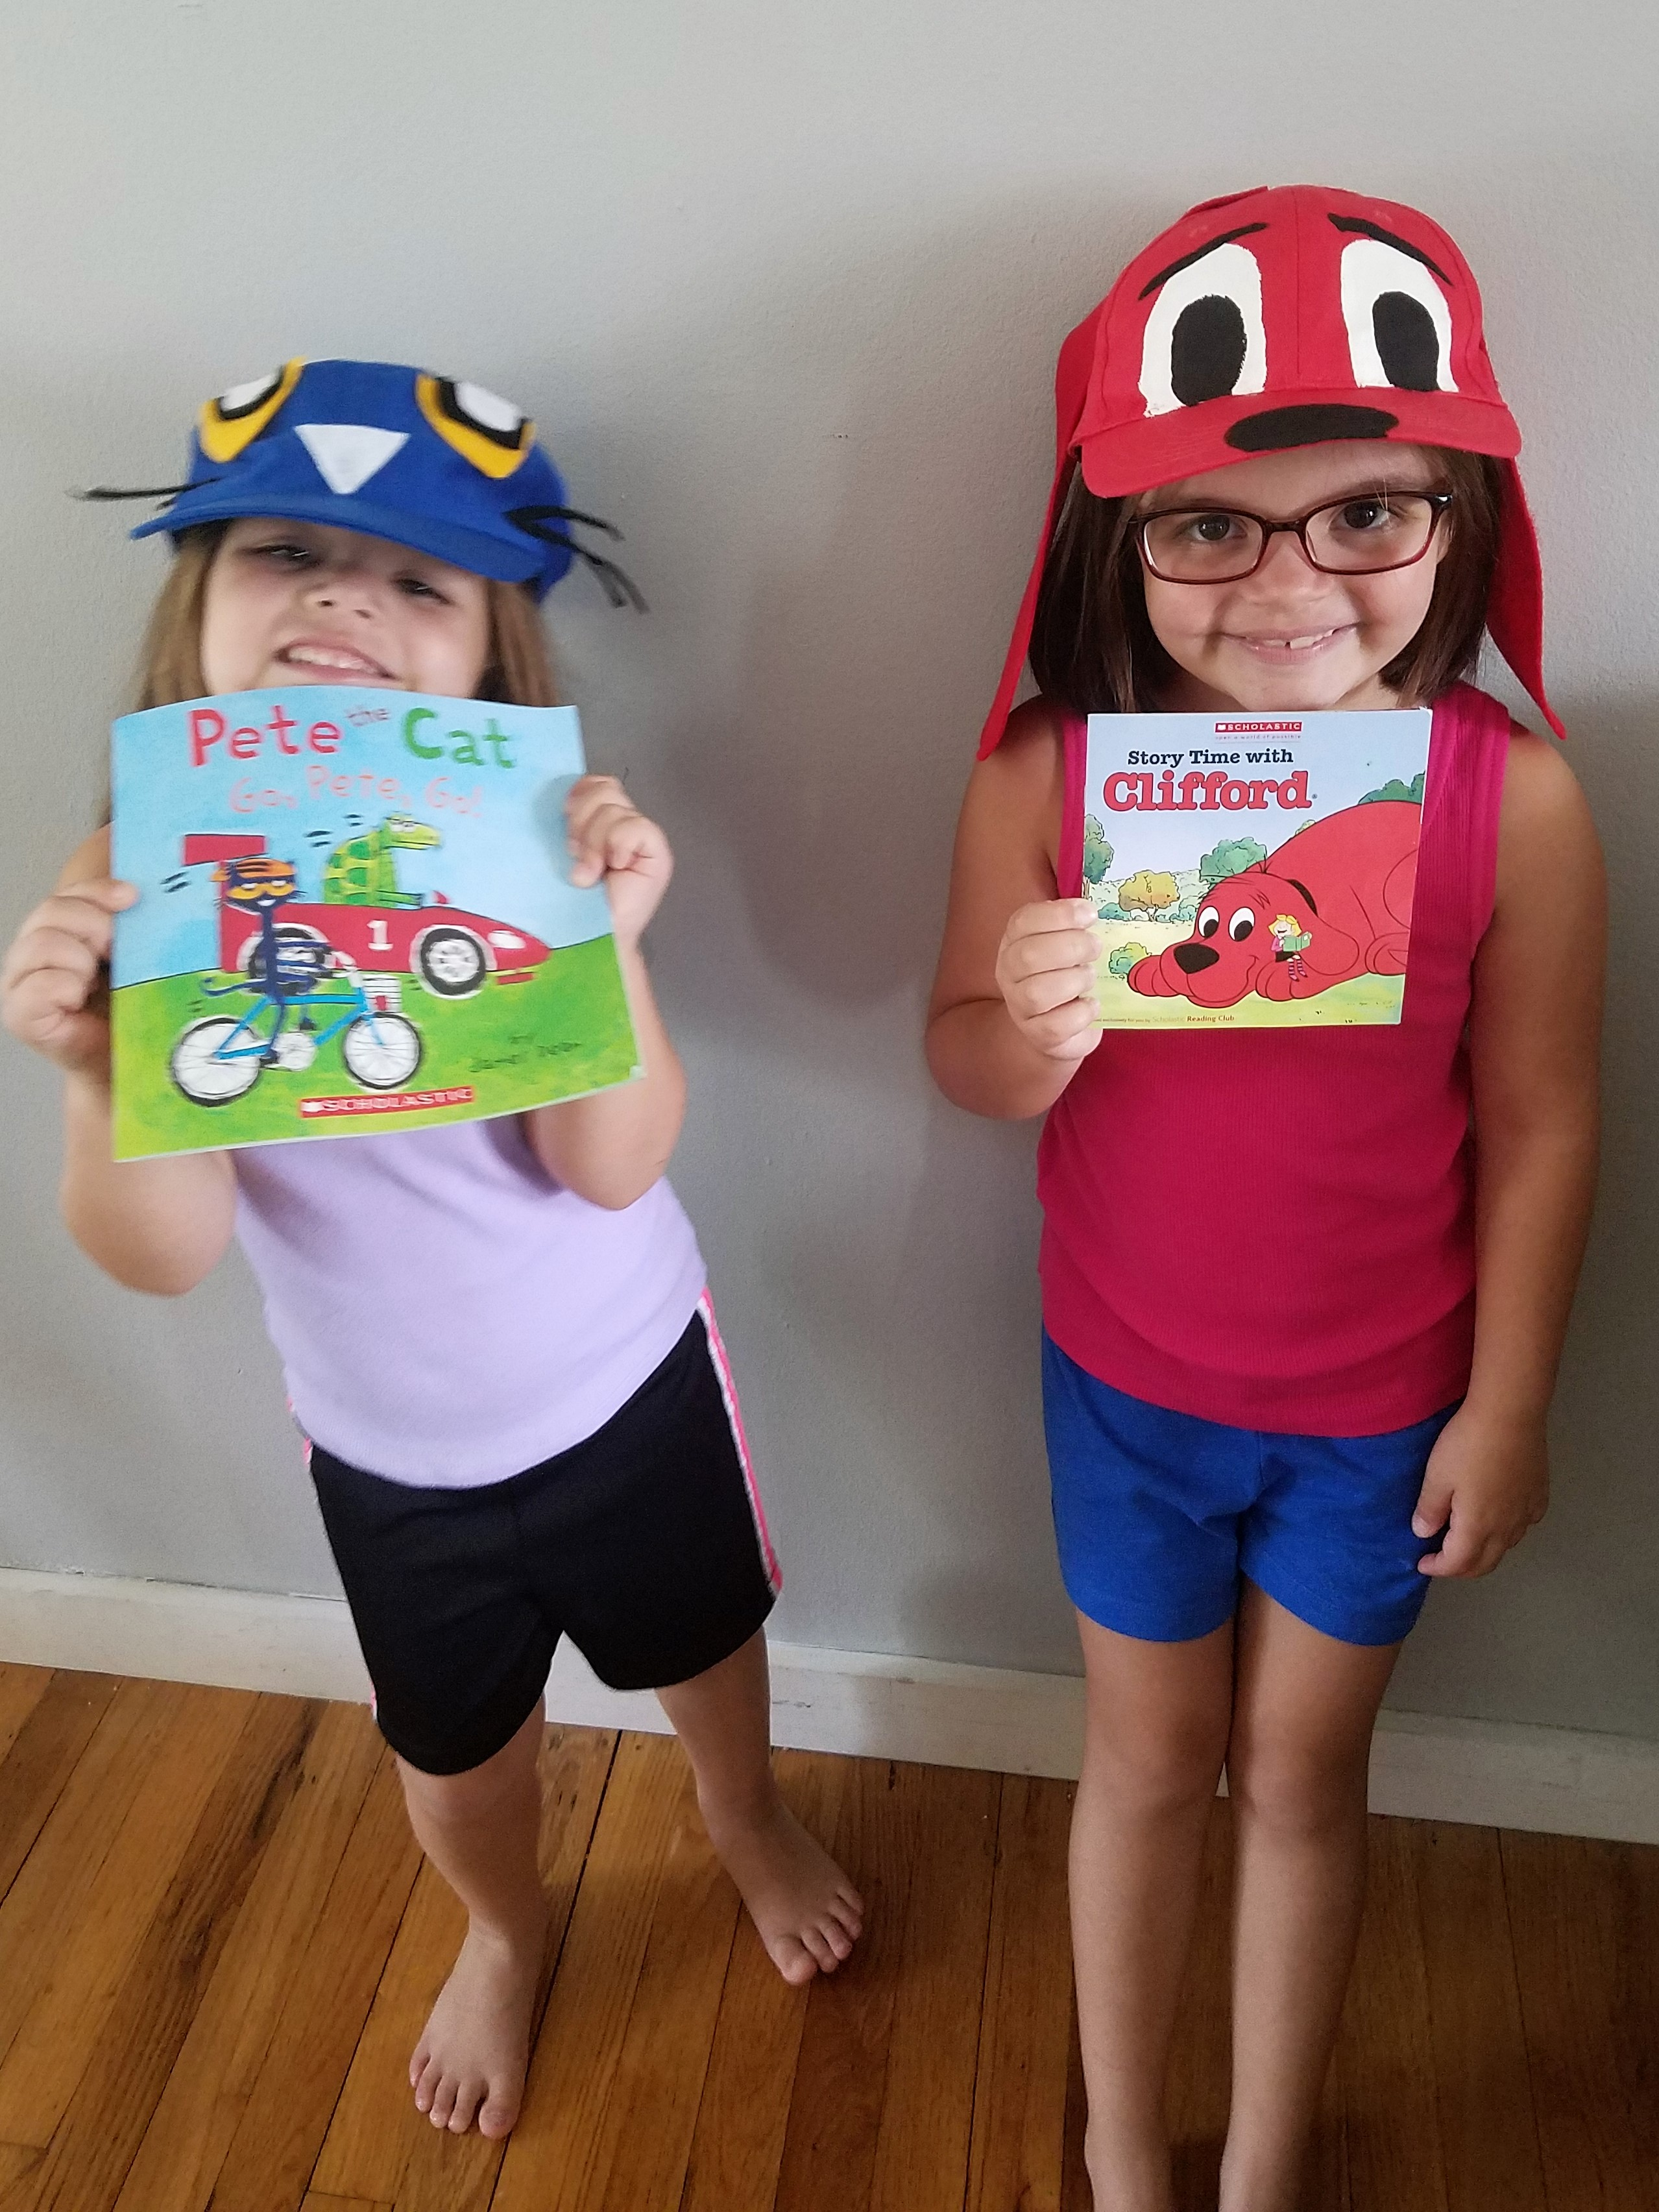 DIY Storybook Character Costumes, News 12 Long Island